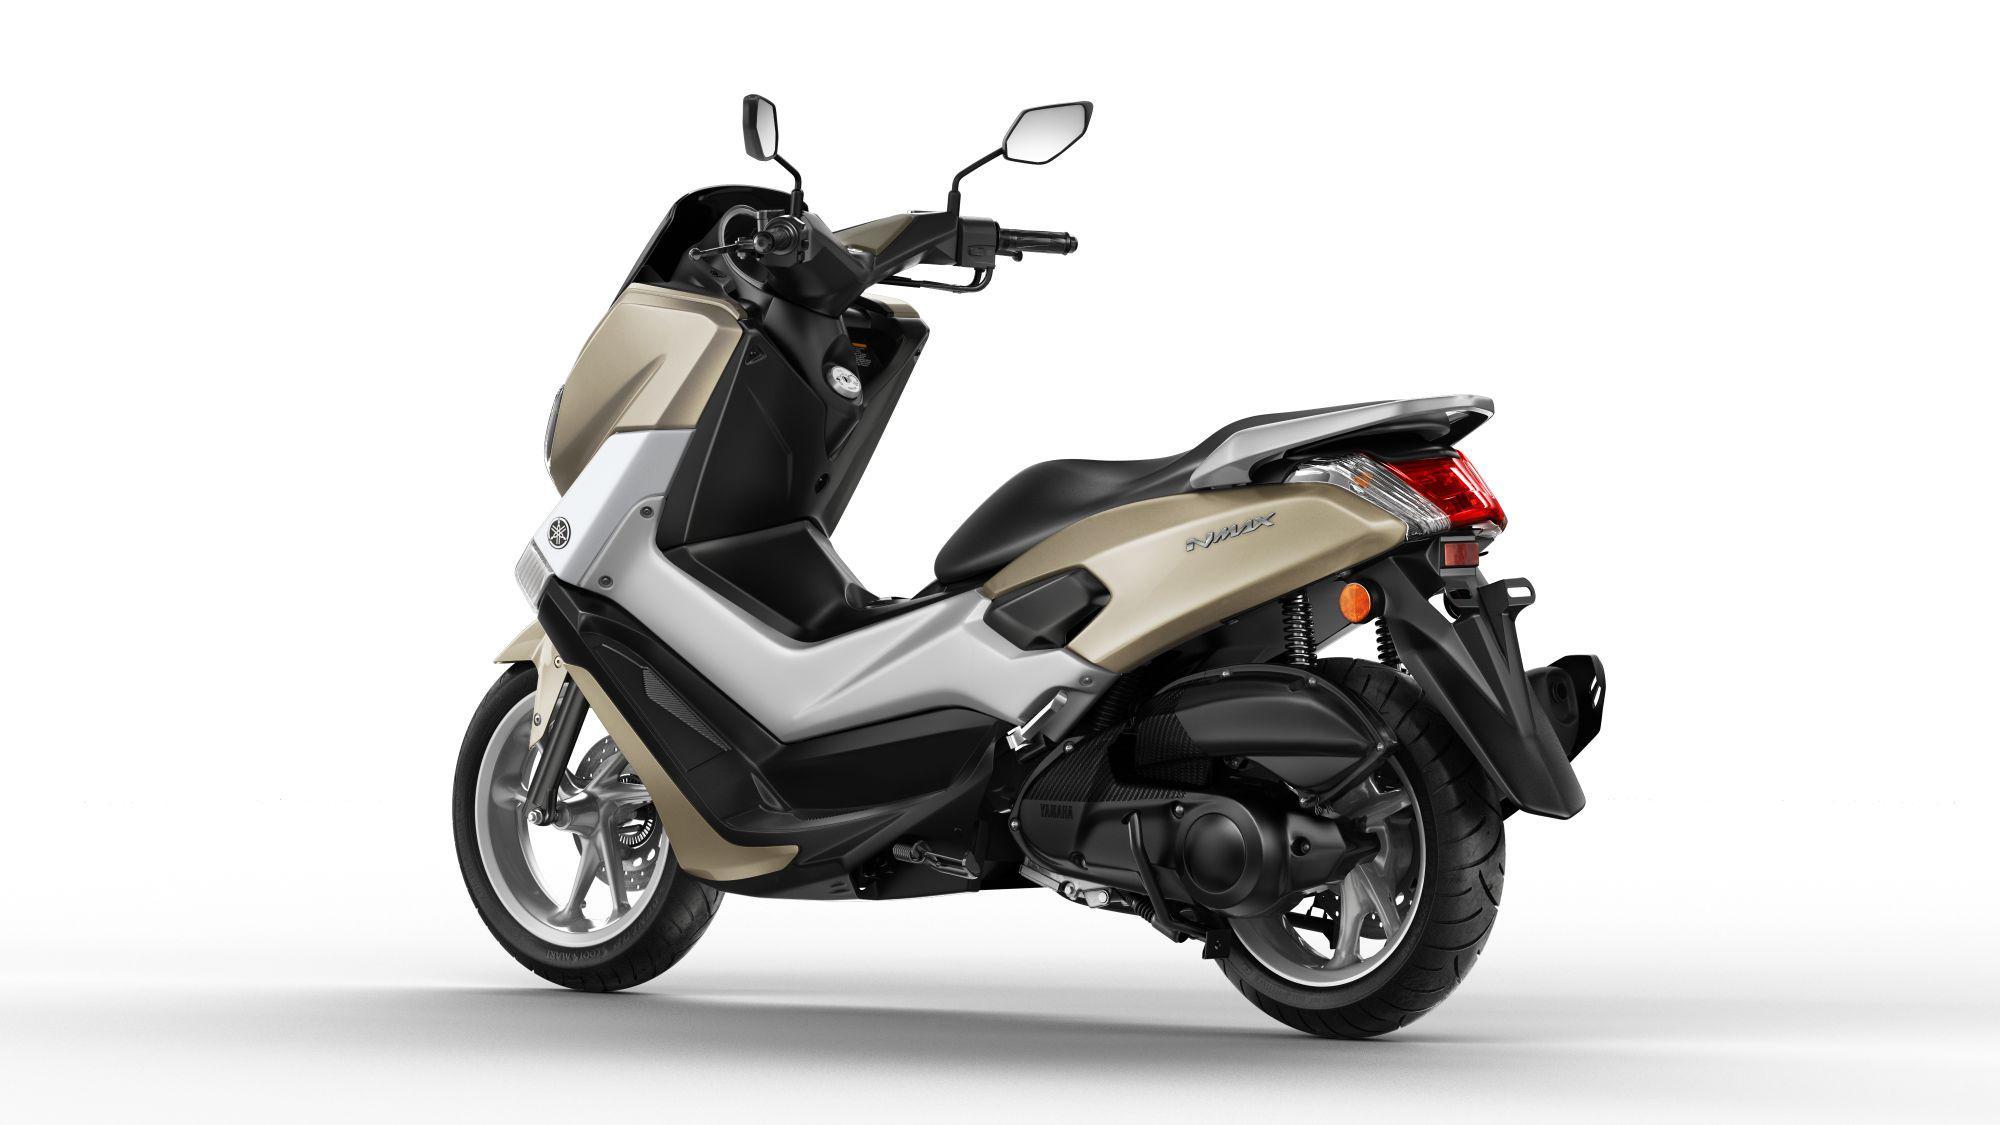 Yamaha NMAX 125 2015 Motorrad Fotos & Motorrad Bilder